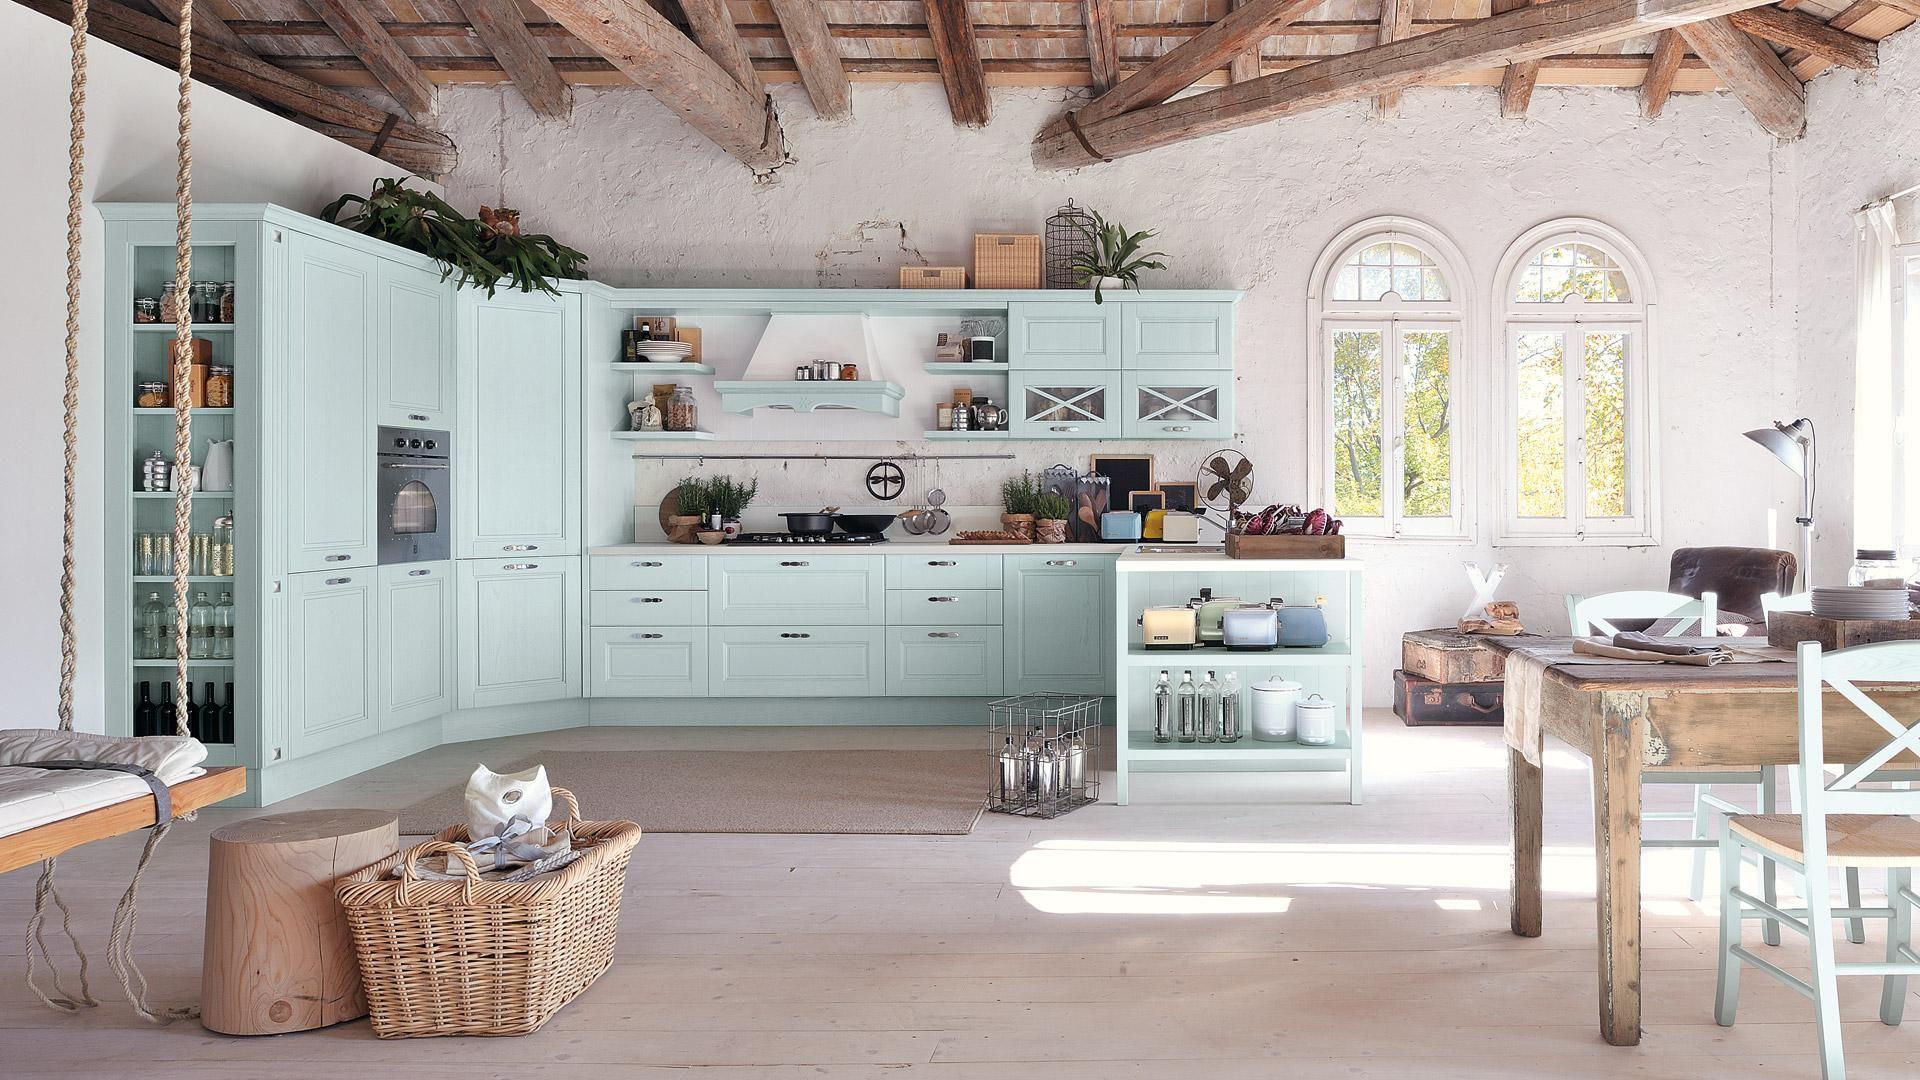 Cucina In Stile Provenzale Gli Elementi Indispensabili Per Un Arredo Romantico Cucine In Stile Country Arredamento Soggiorno Rustico Moderno